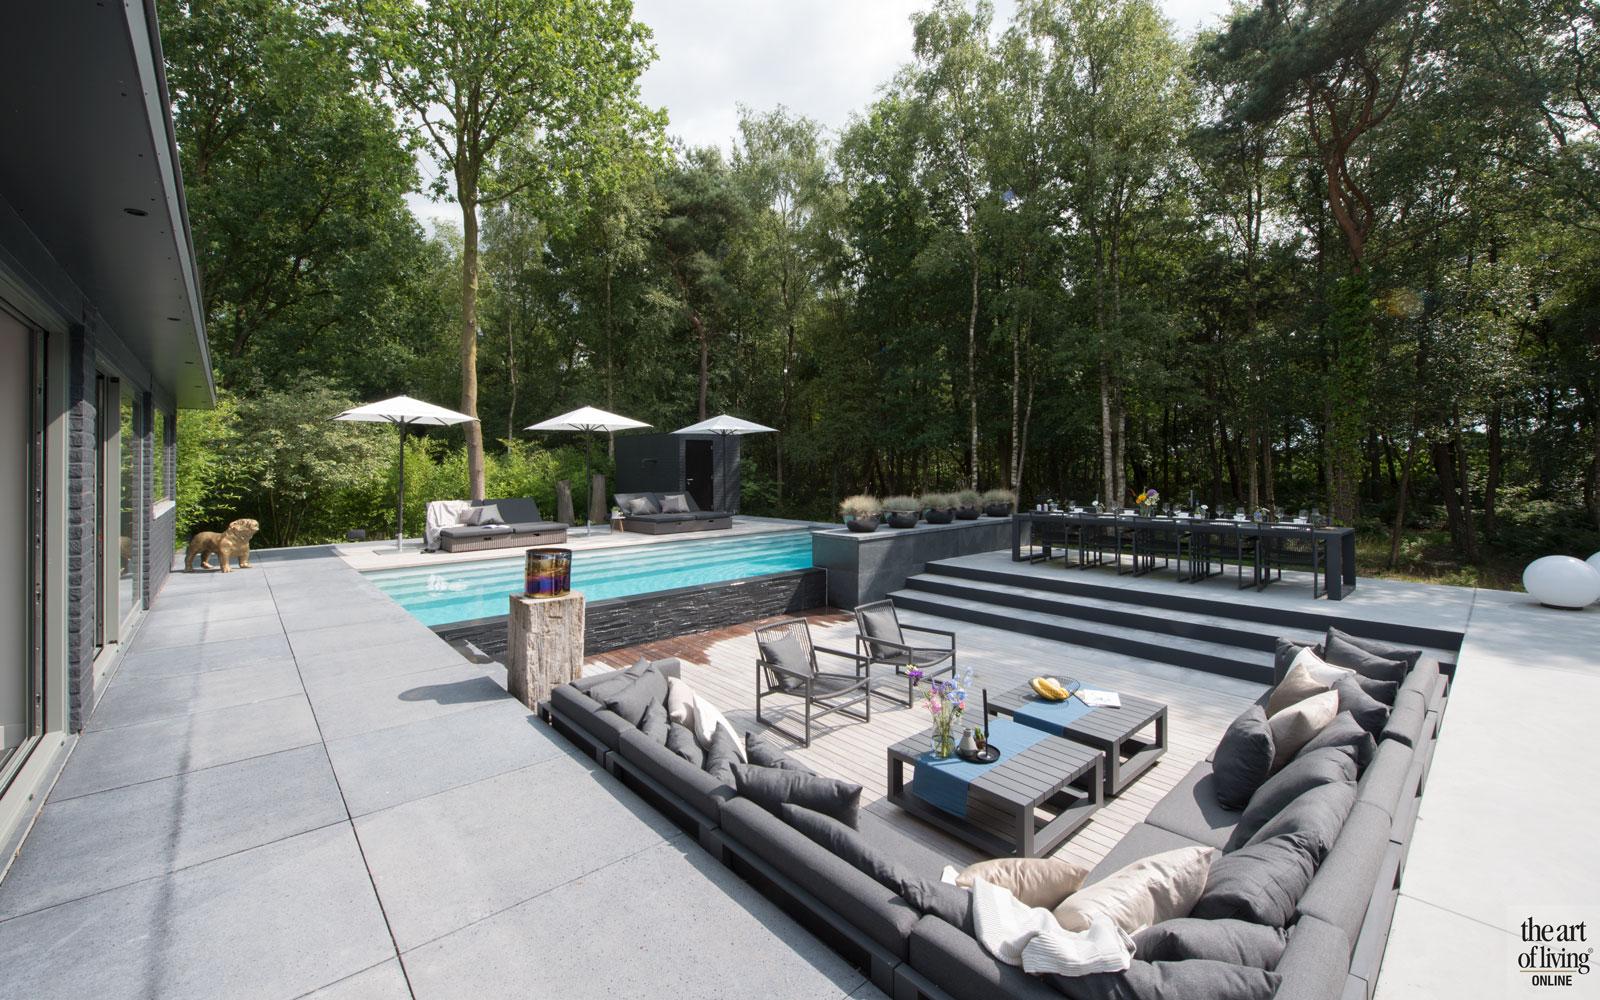 Zwembad, infinity pool, Elzen Zwembaden, houten vloer, Tablazz, Tuinmeubelen, Borek, wellnesstuin, Studio Redd